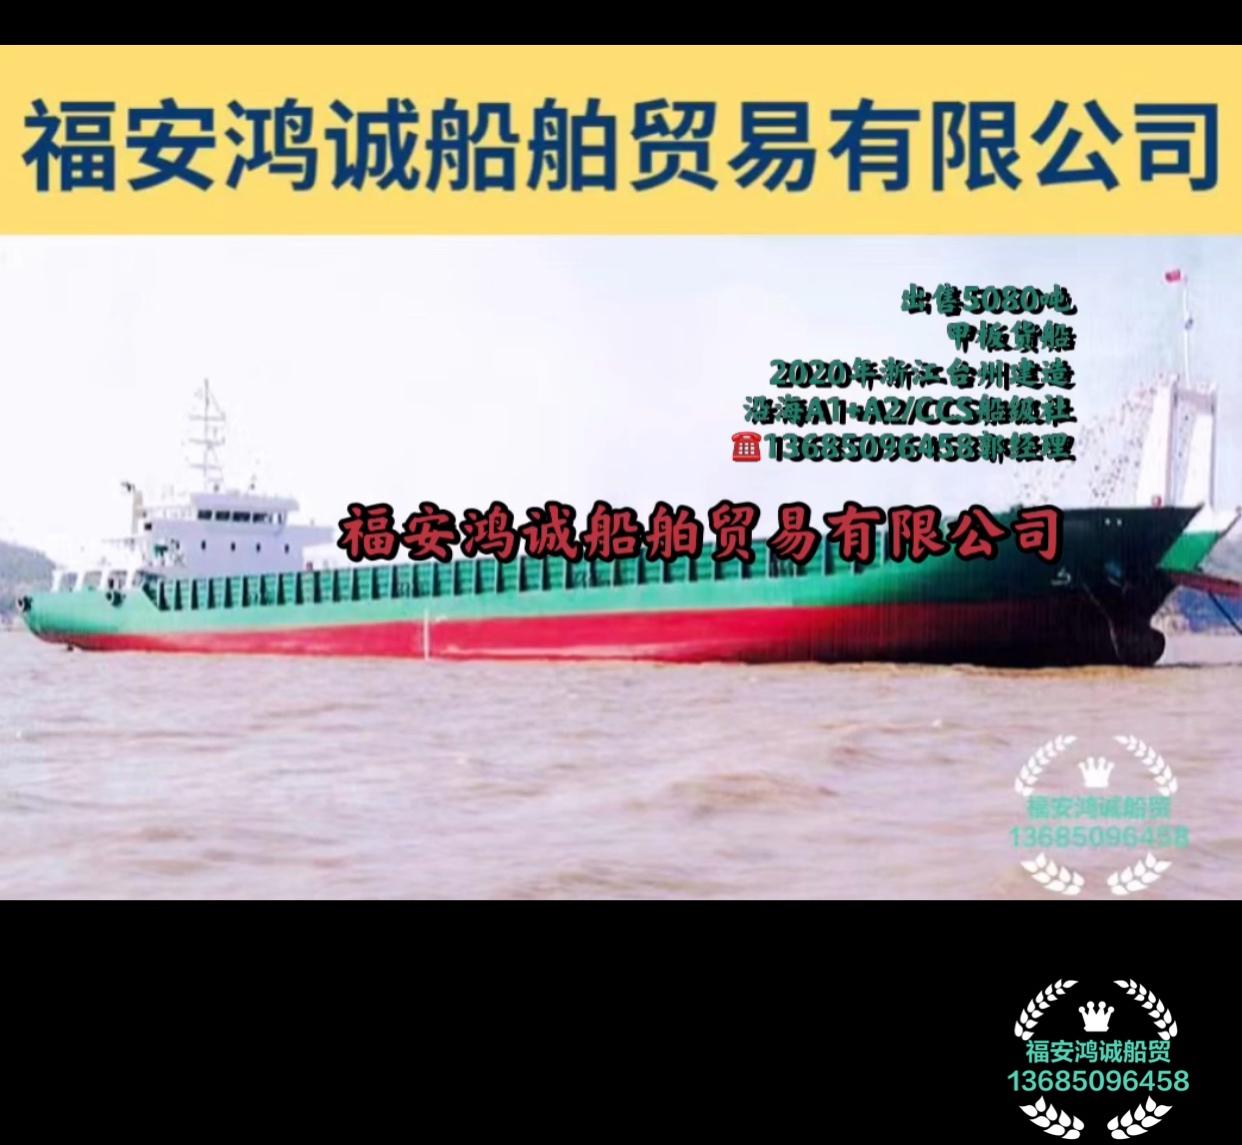 出售5080吨甲板货船